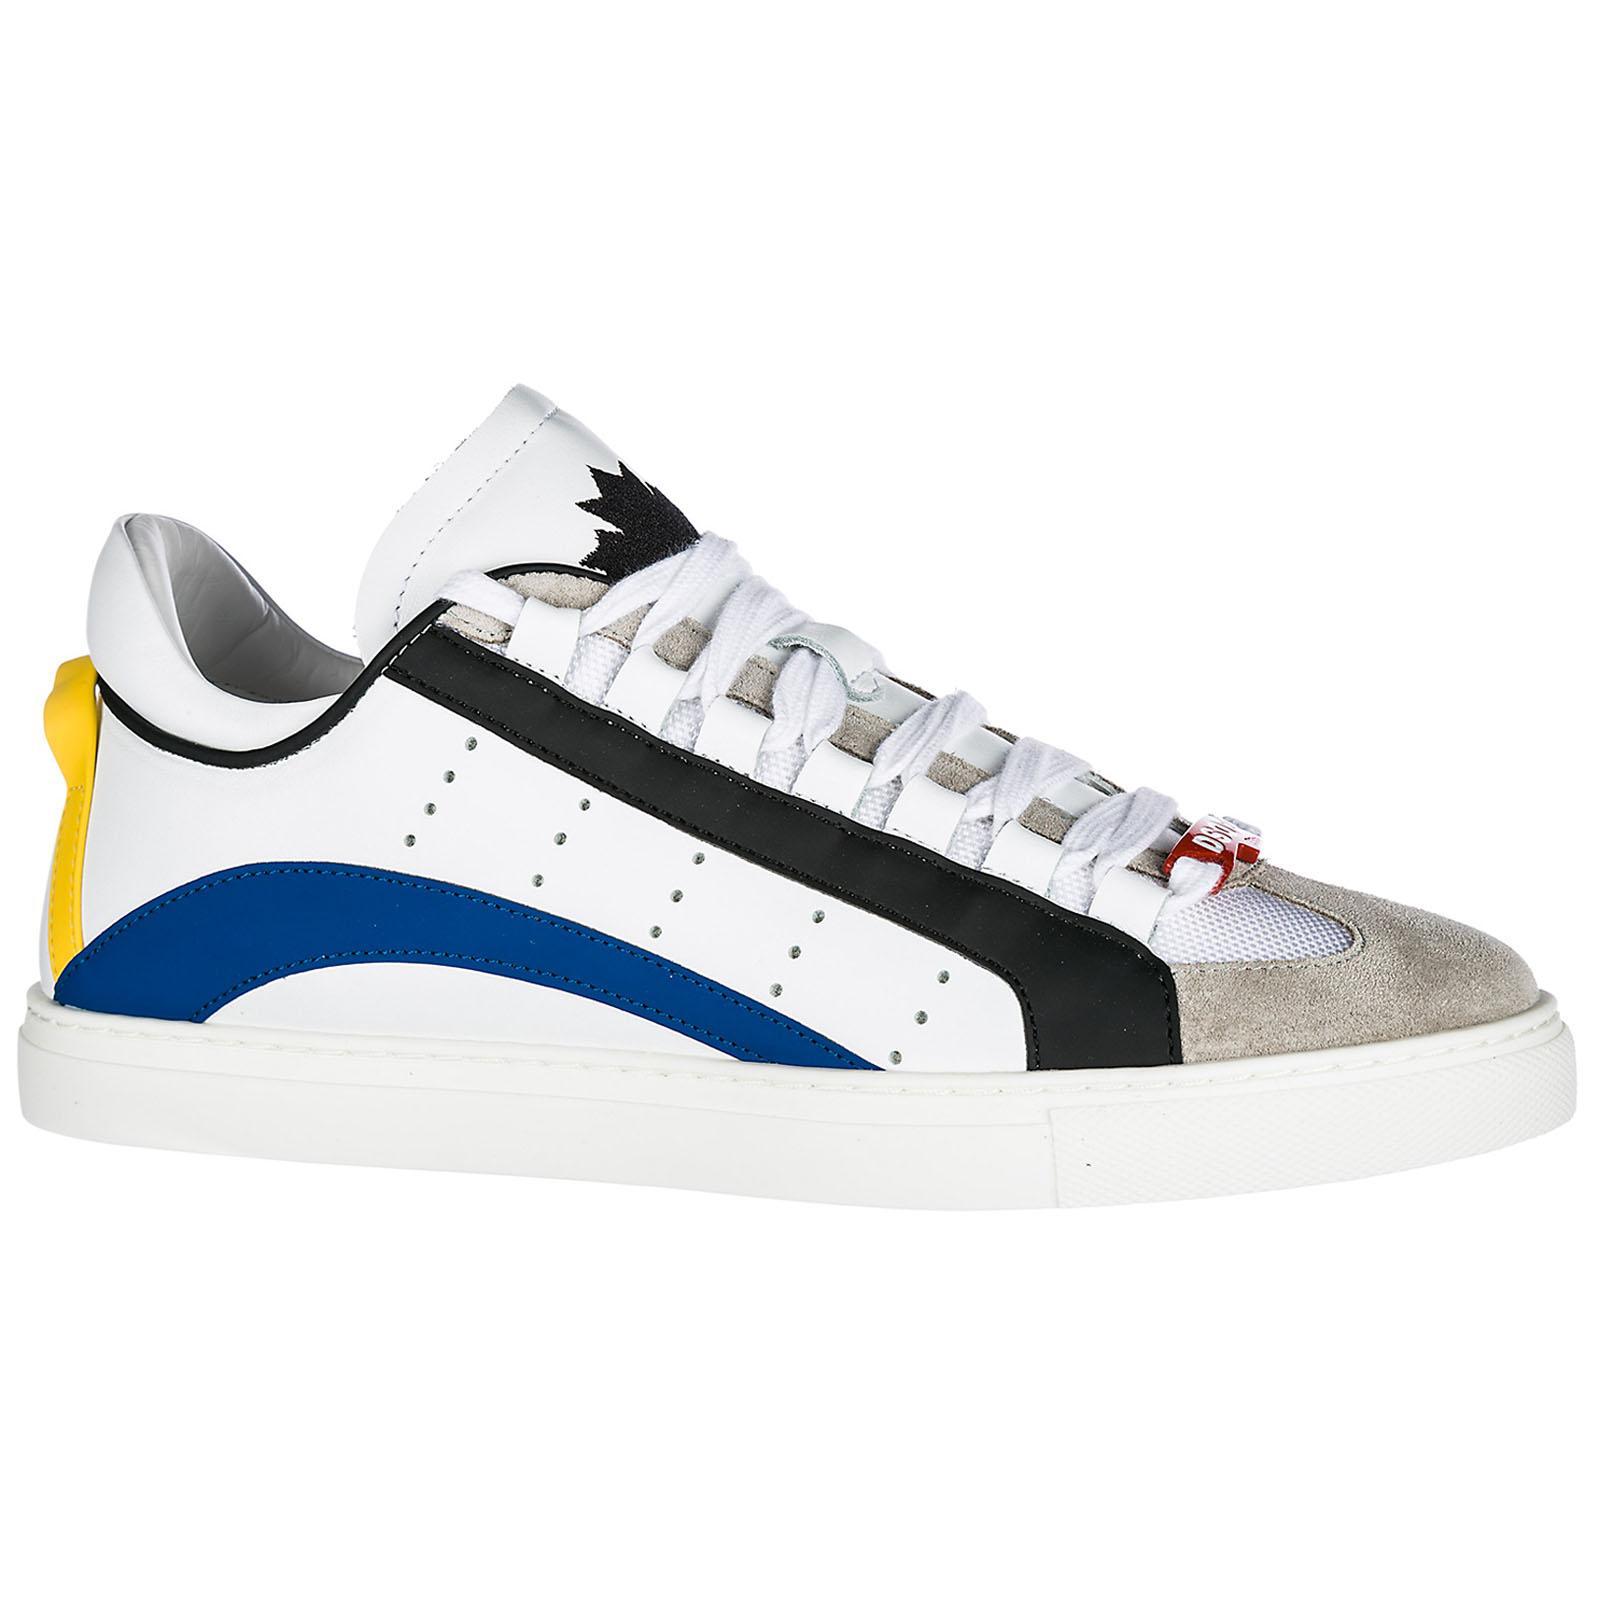 Hogan Rebel zapatos zapatillas de deporte hombres en piel nuevo r260 allacciato blanco EU 44 HXM2600X530FMZ0001 TnJlLKogF